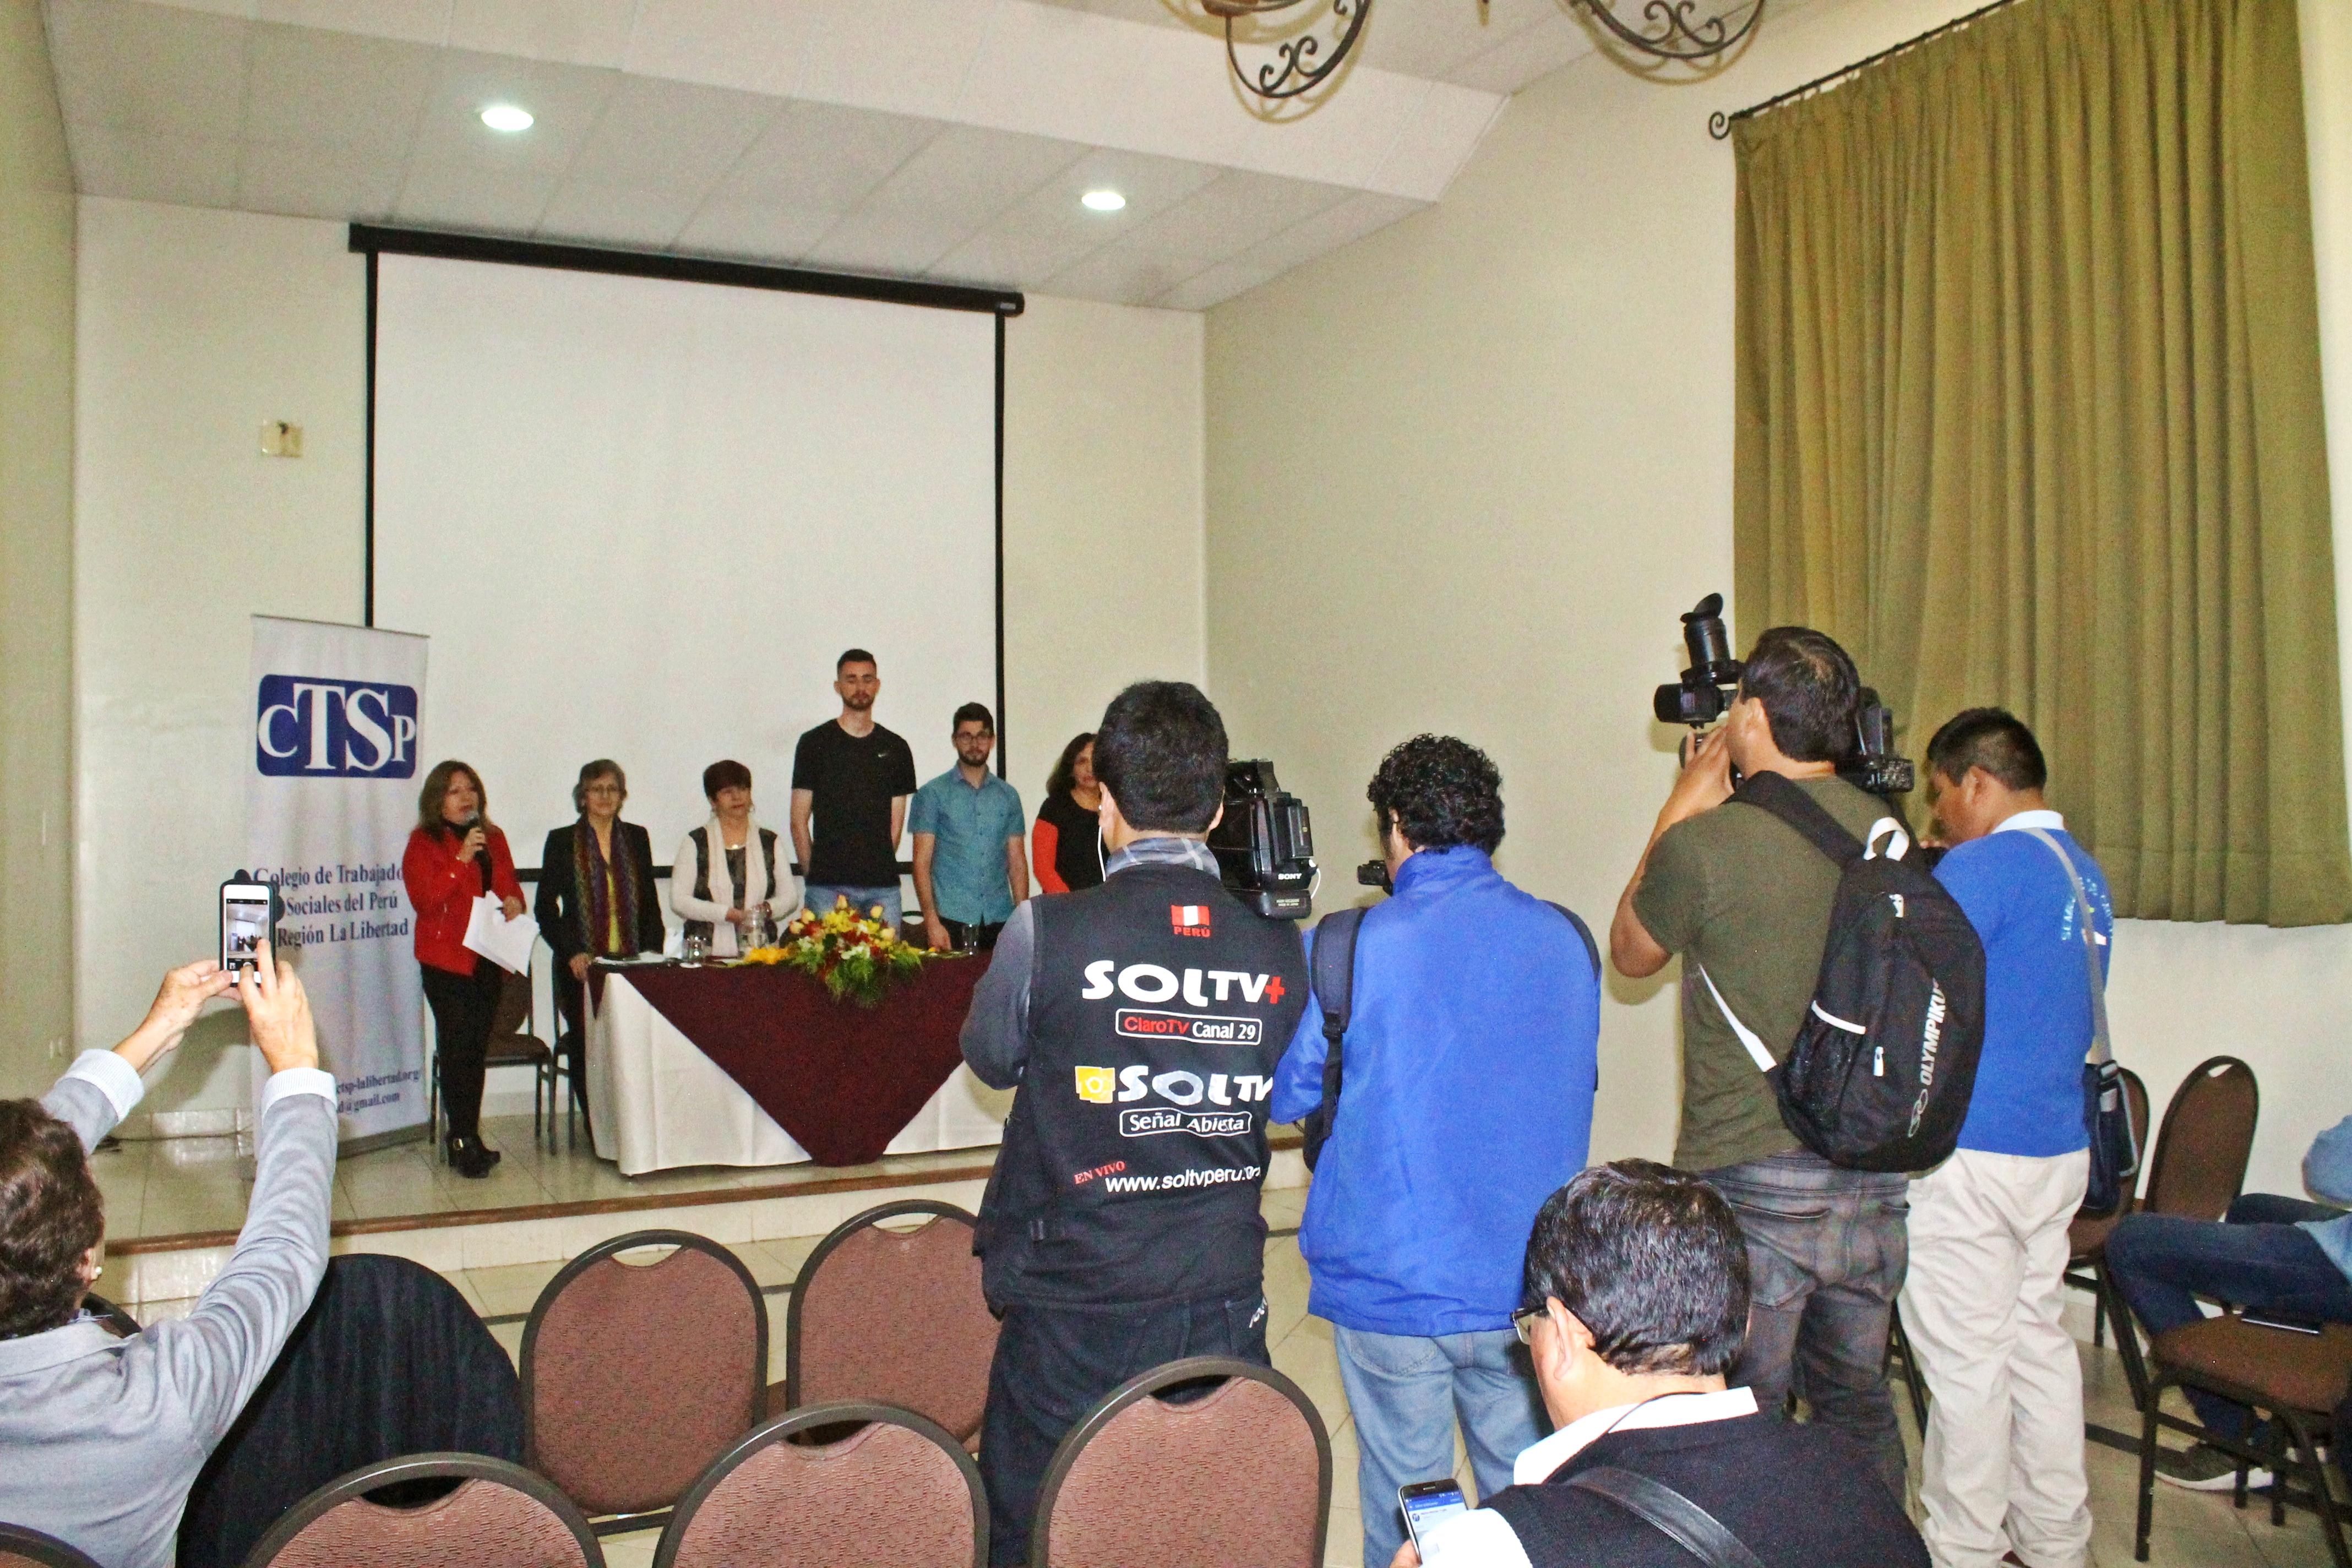 Conferencia de prensa por el 39° aniversario de Trabajo Social.